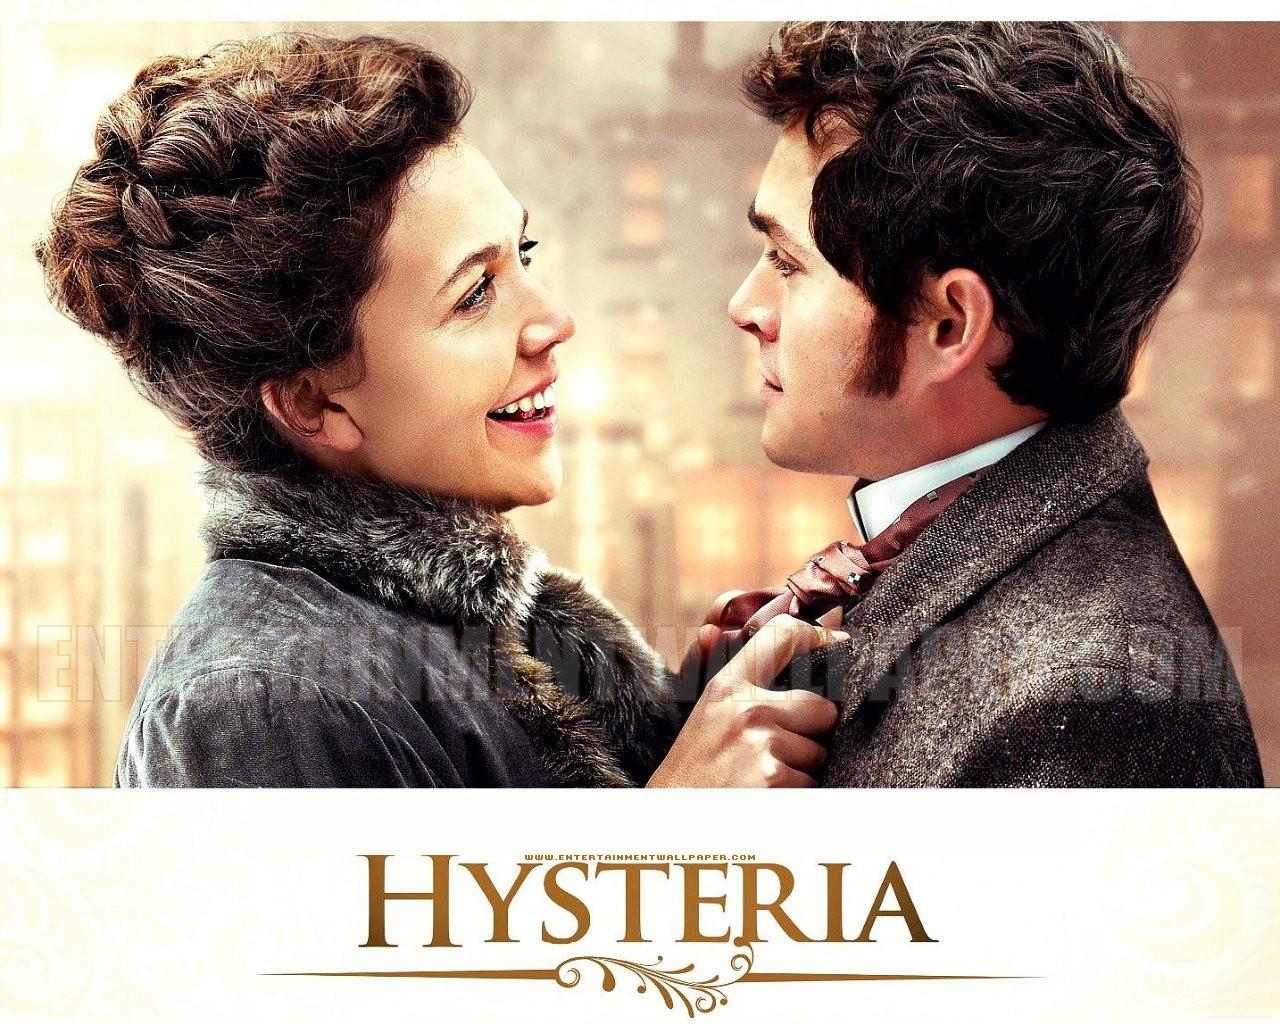 http://4.bp.blogspot.com/-_7UU_K_pXZY/T9mhTjrPBTI/AAAAAAAAFdI/mzJhbBAfkno/s1600/hysteria02.jpg